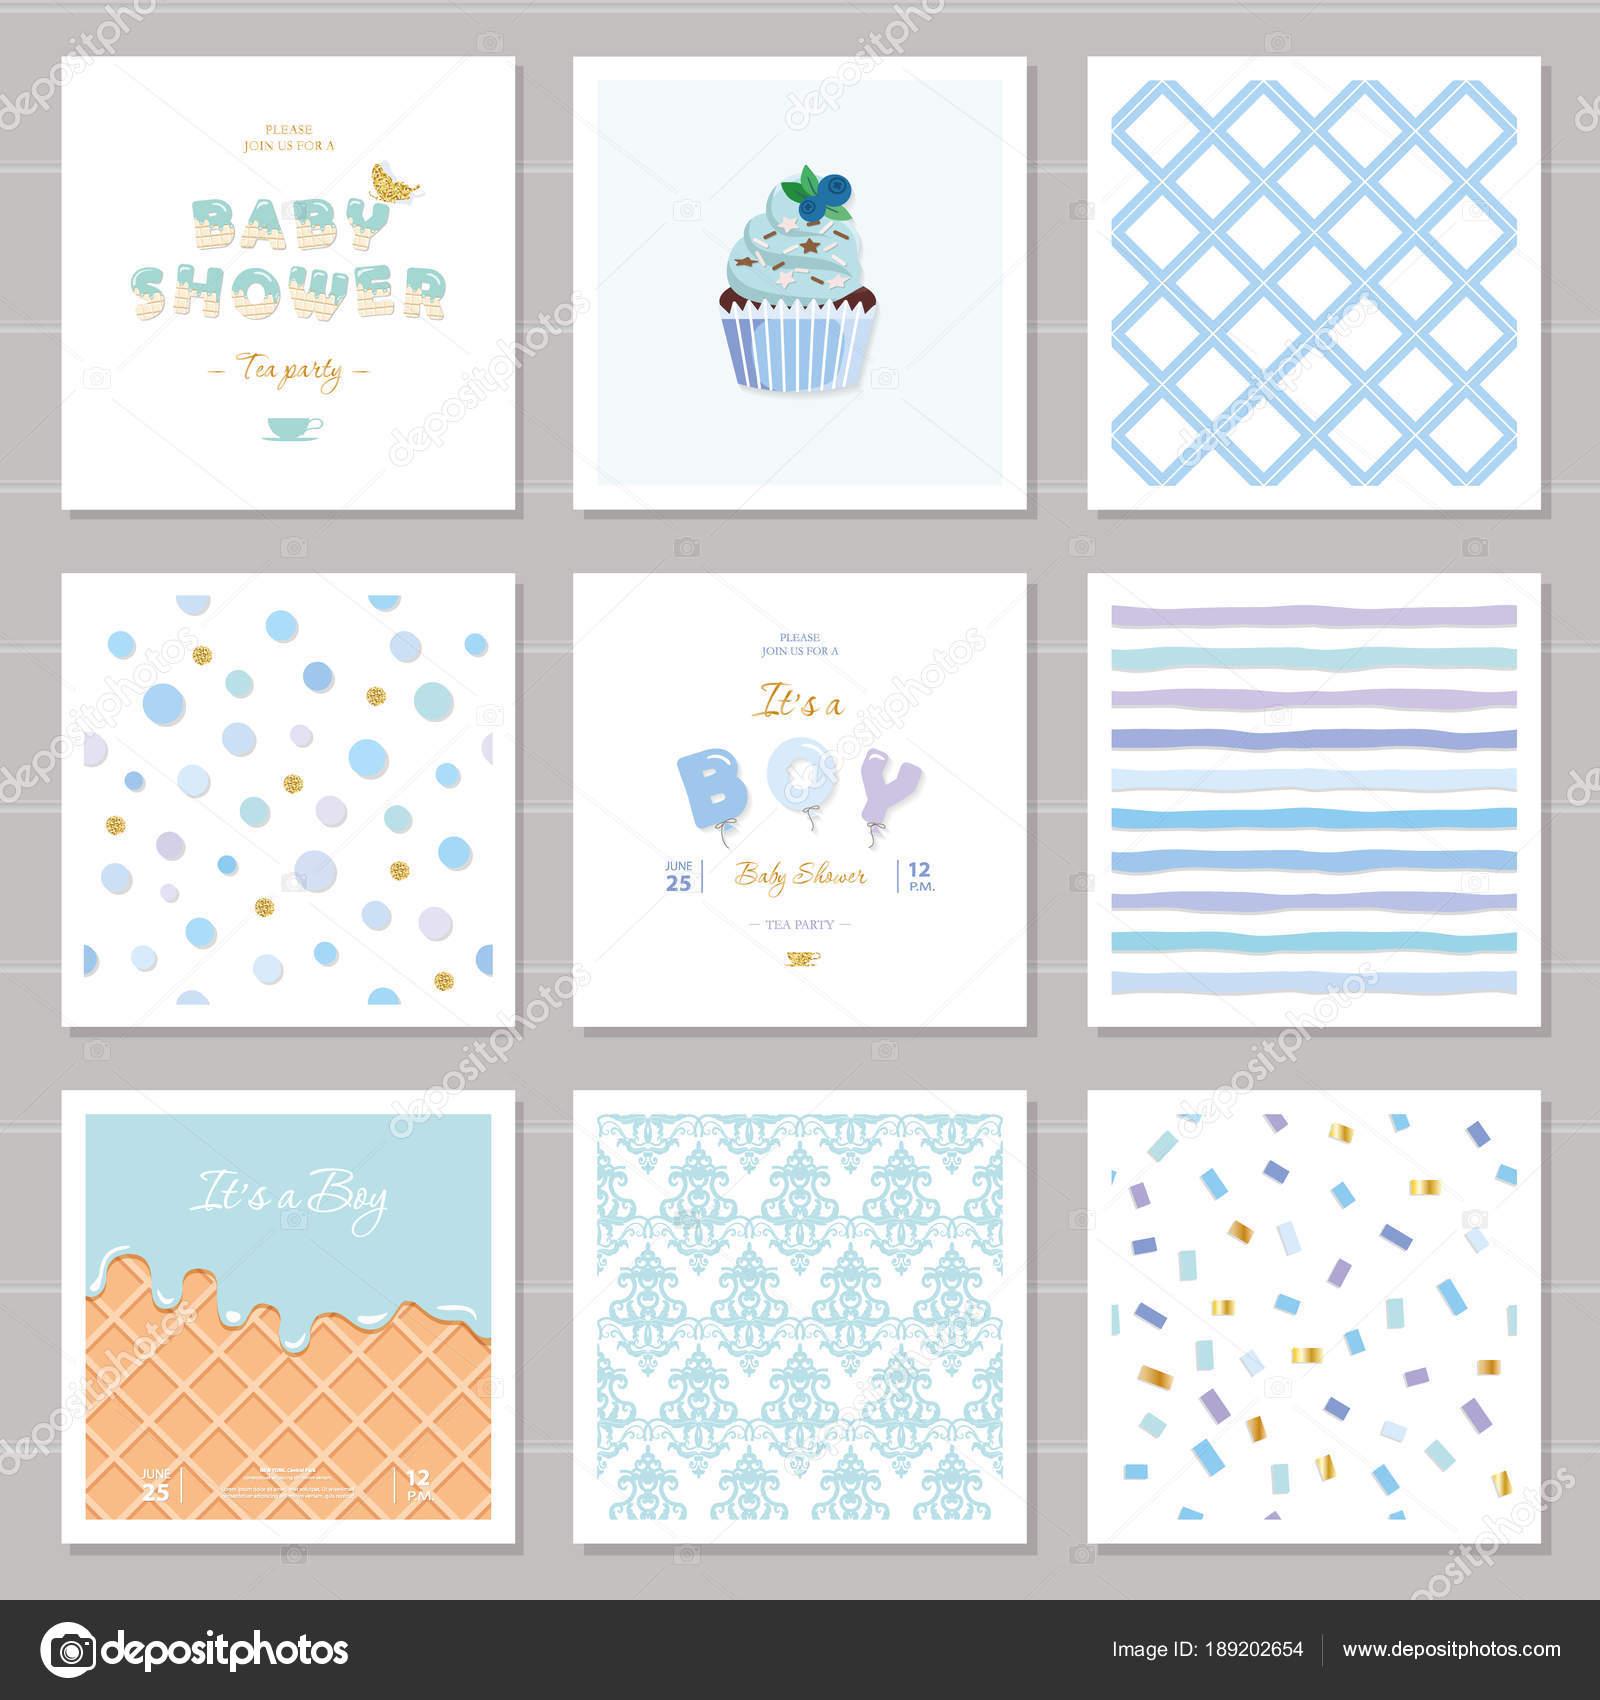 Junge Baby Dusche Vorlagen Musterdesigns set Pastell blau. Auch ...